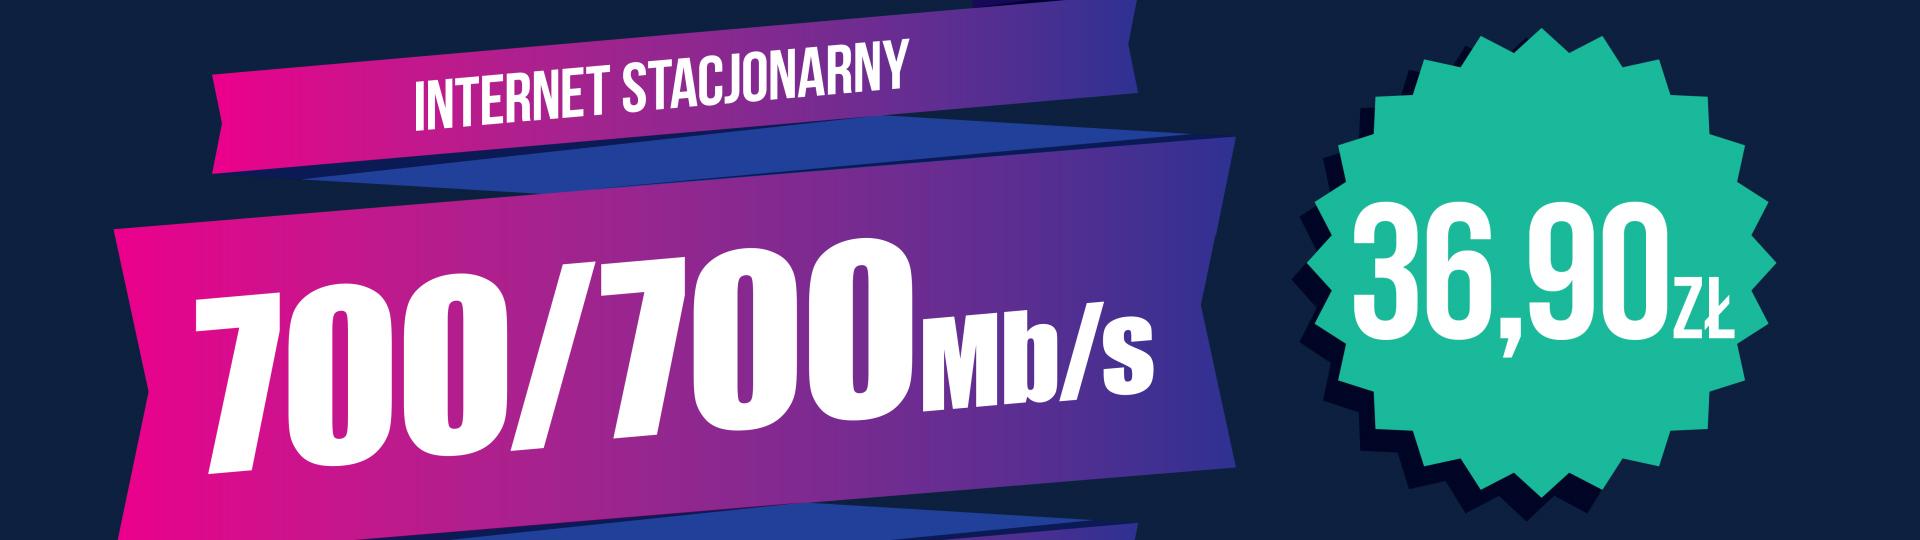 Większa prędkość internetu w tej samej cenie!